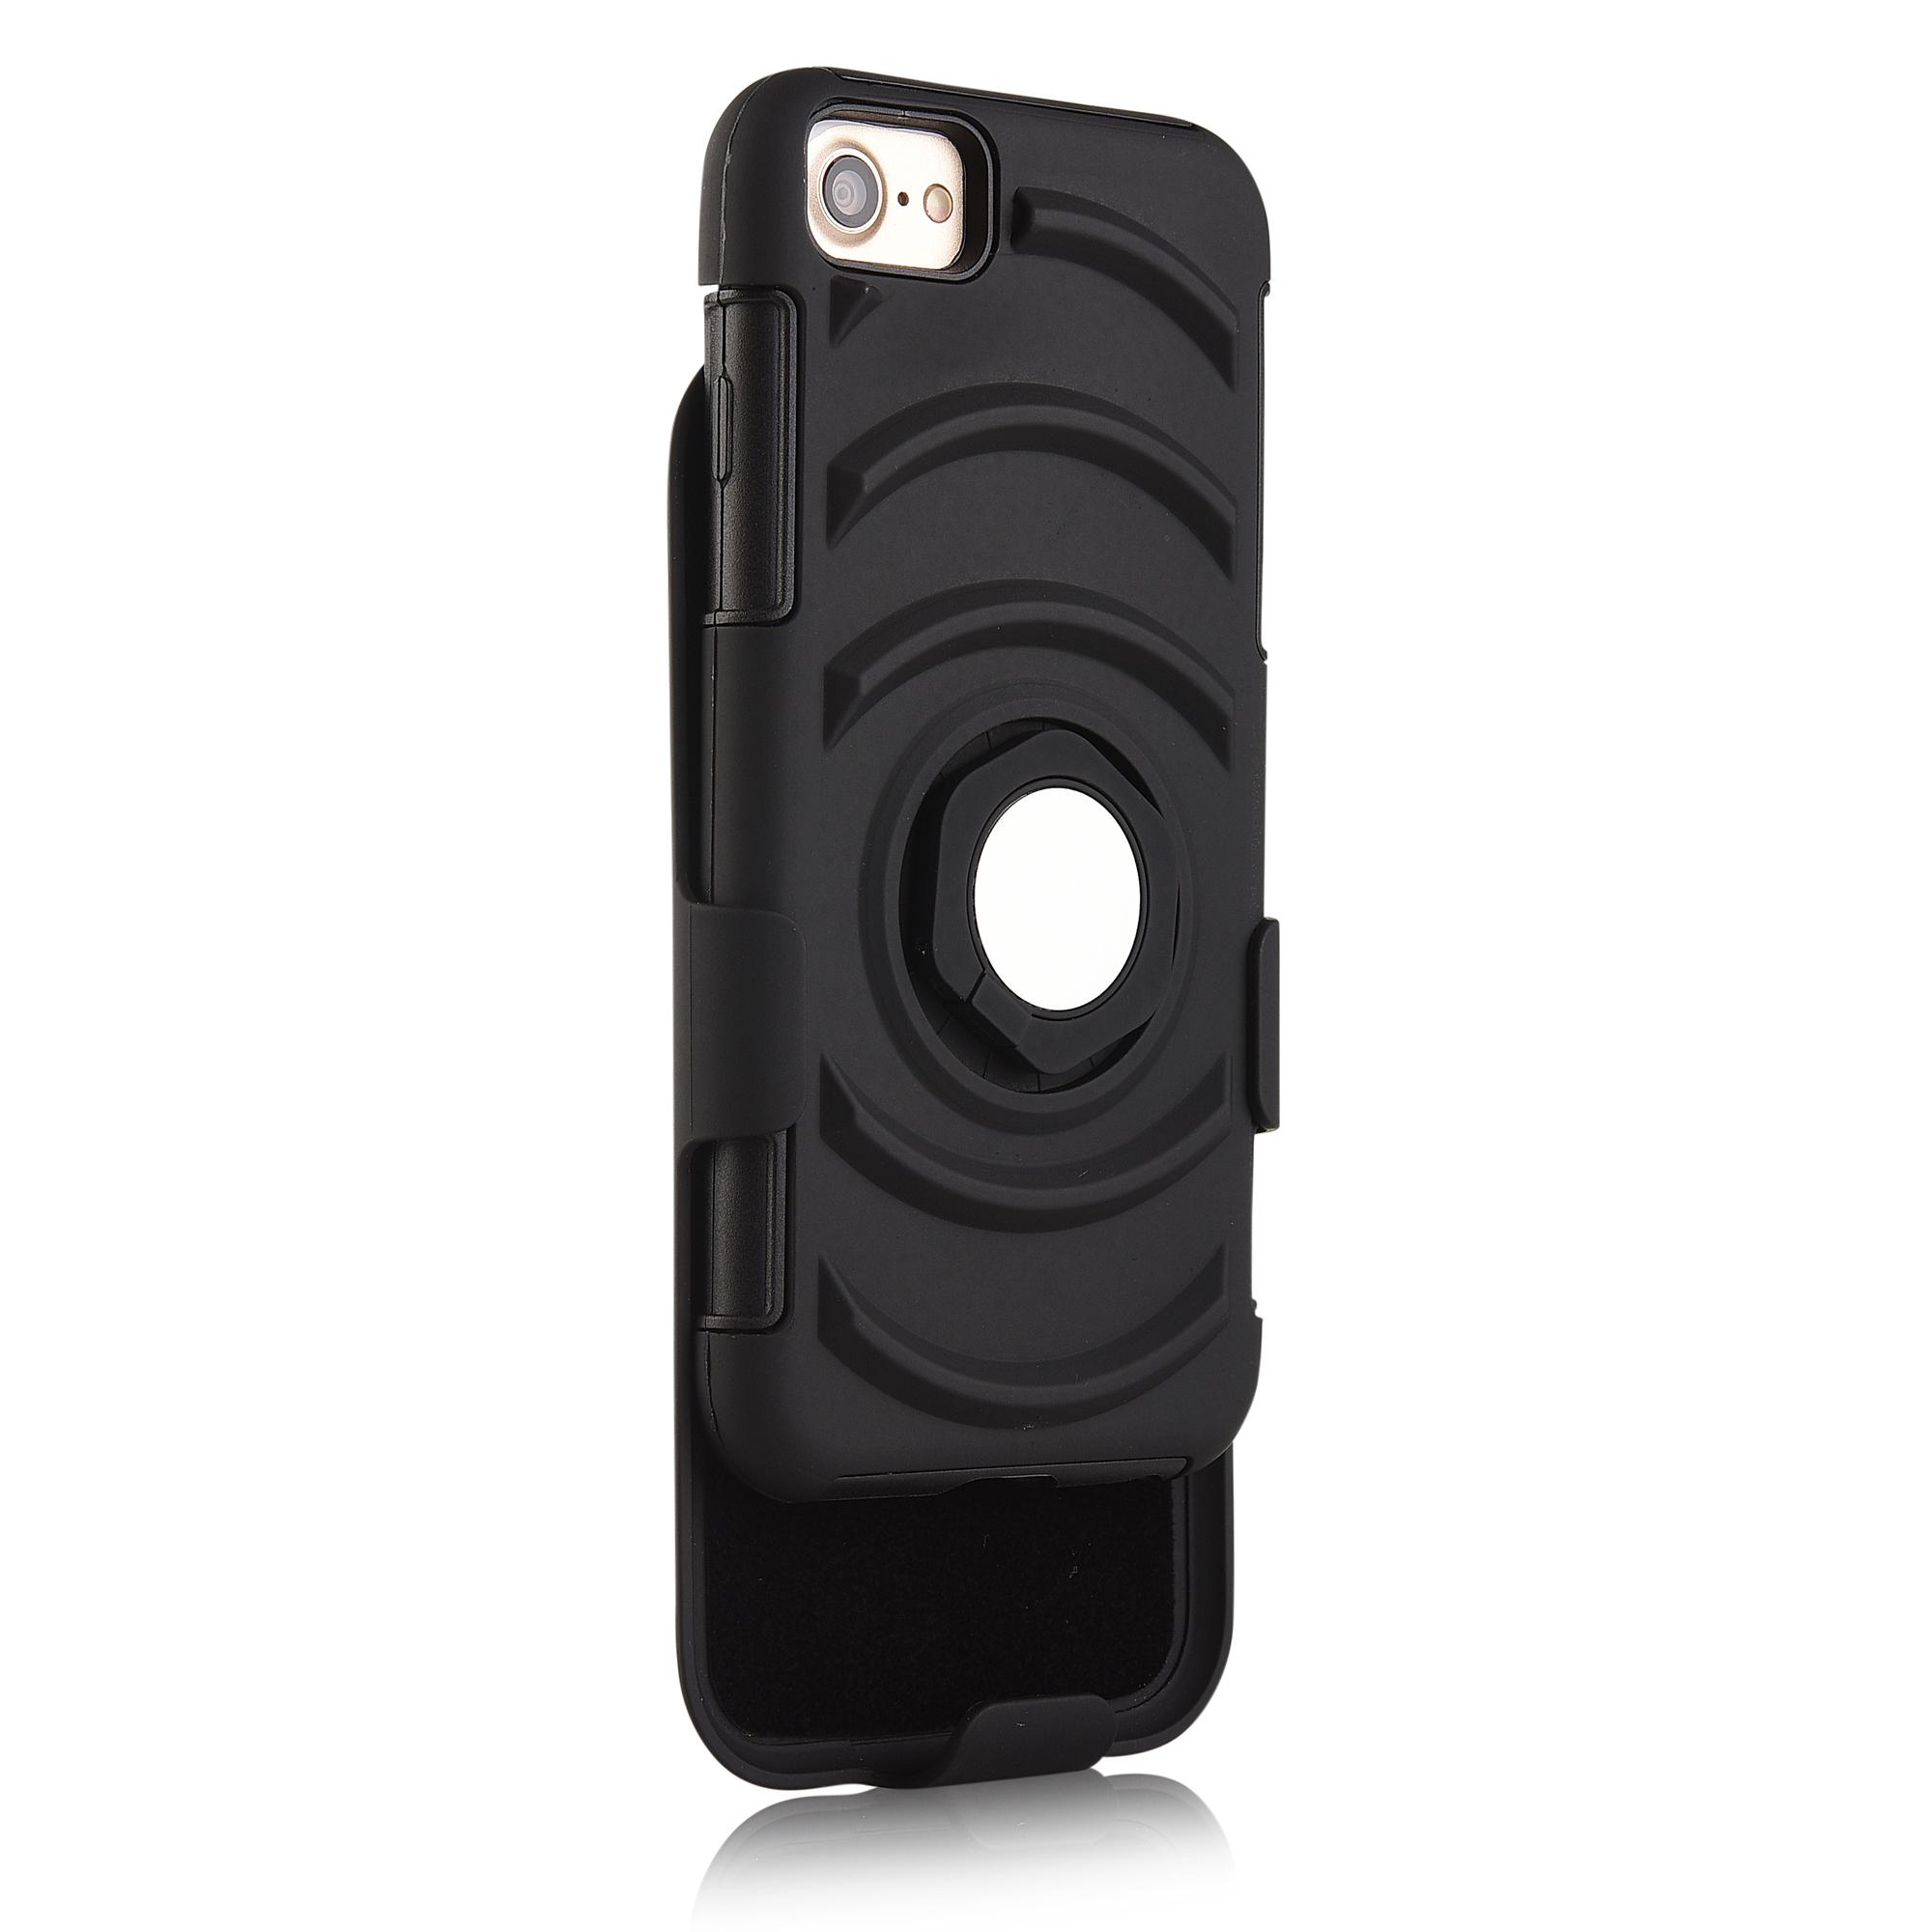 3 в 1 спортивная повязка напульсник кольцо кронштейн крышки случая магнитный телефон iPhone 7 / 6S / 6 - фото 3